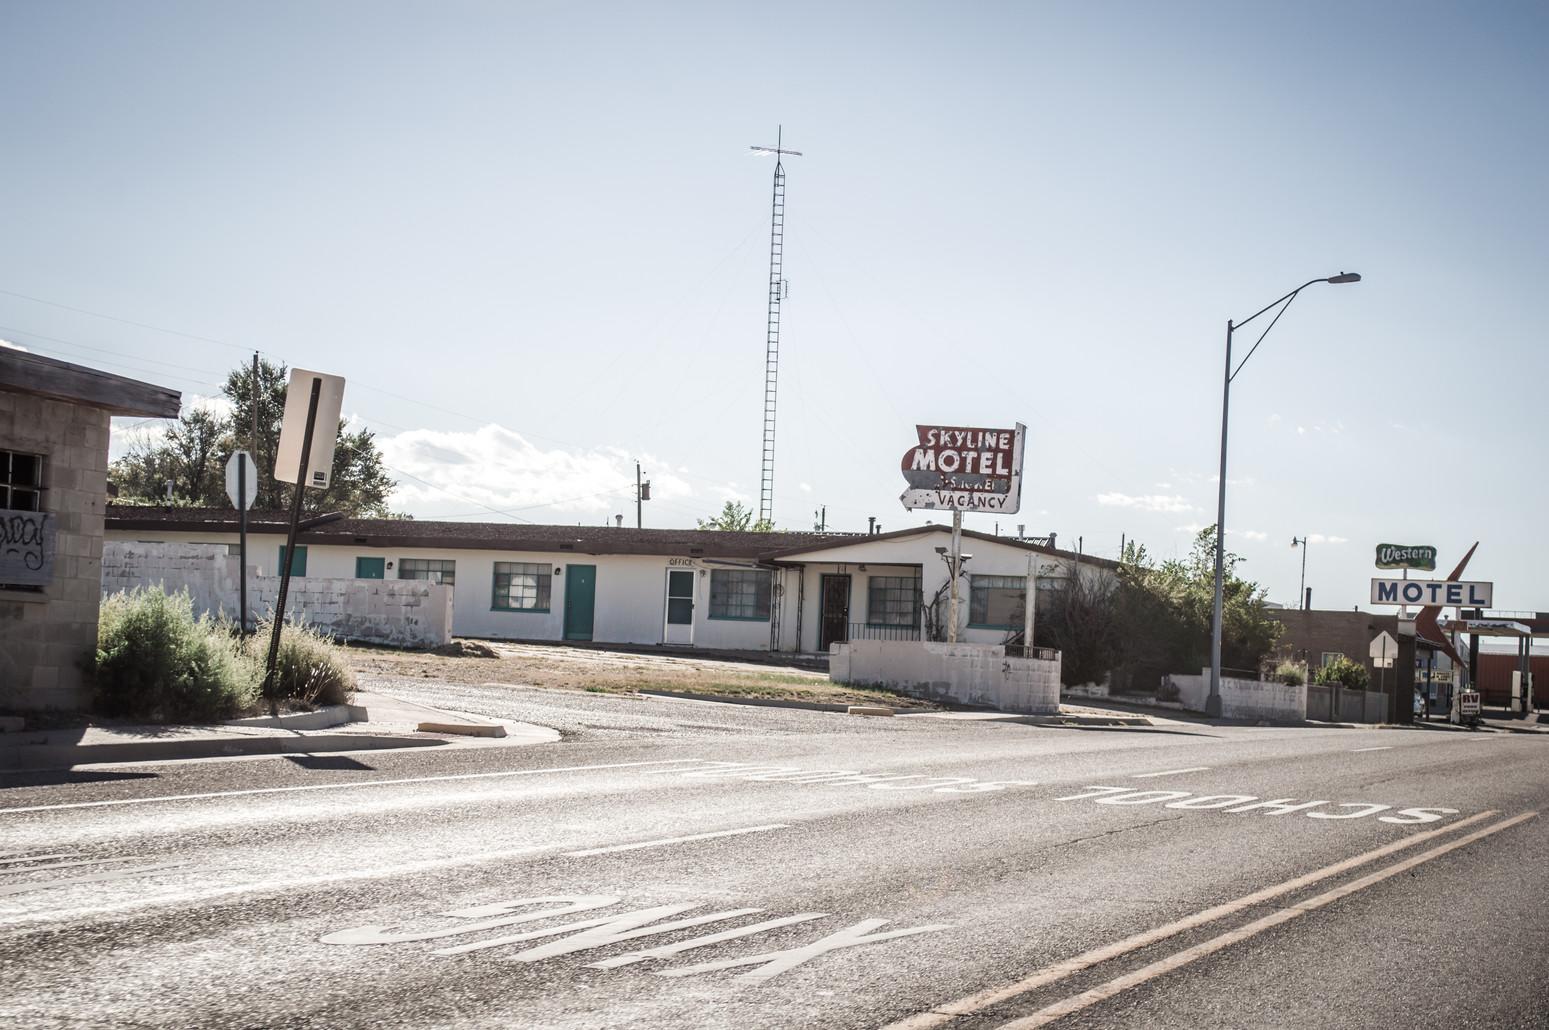 Roadside motels in Texas.